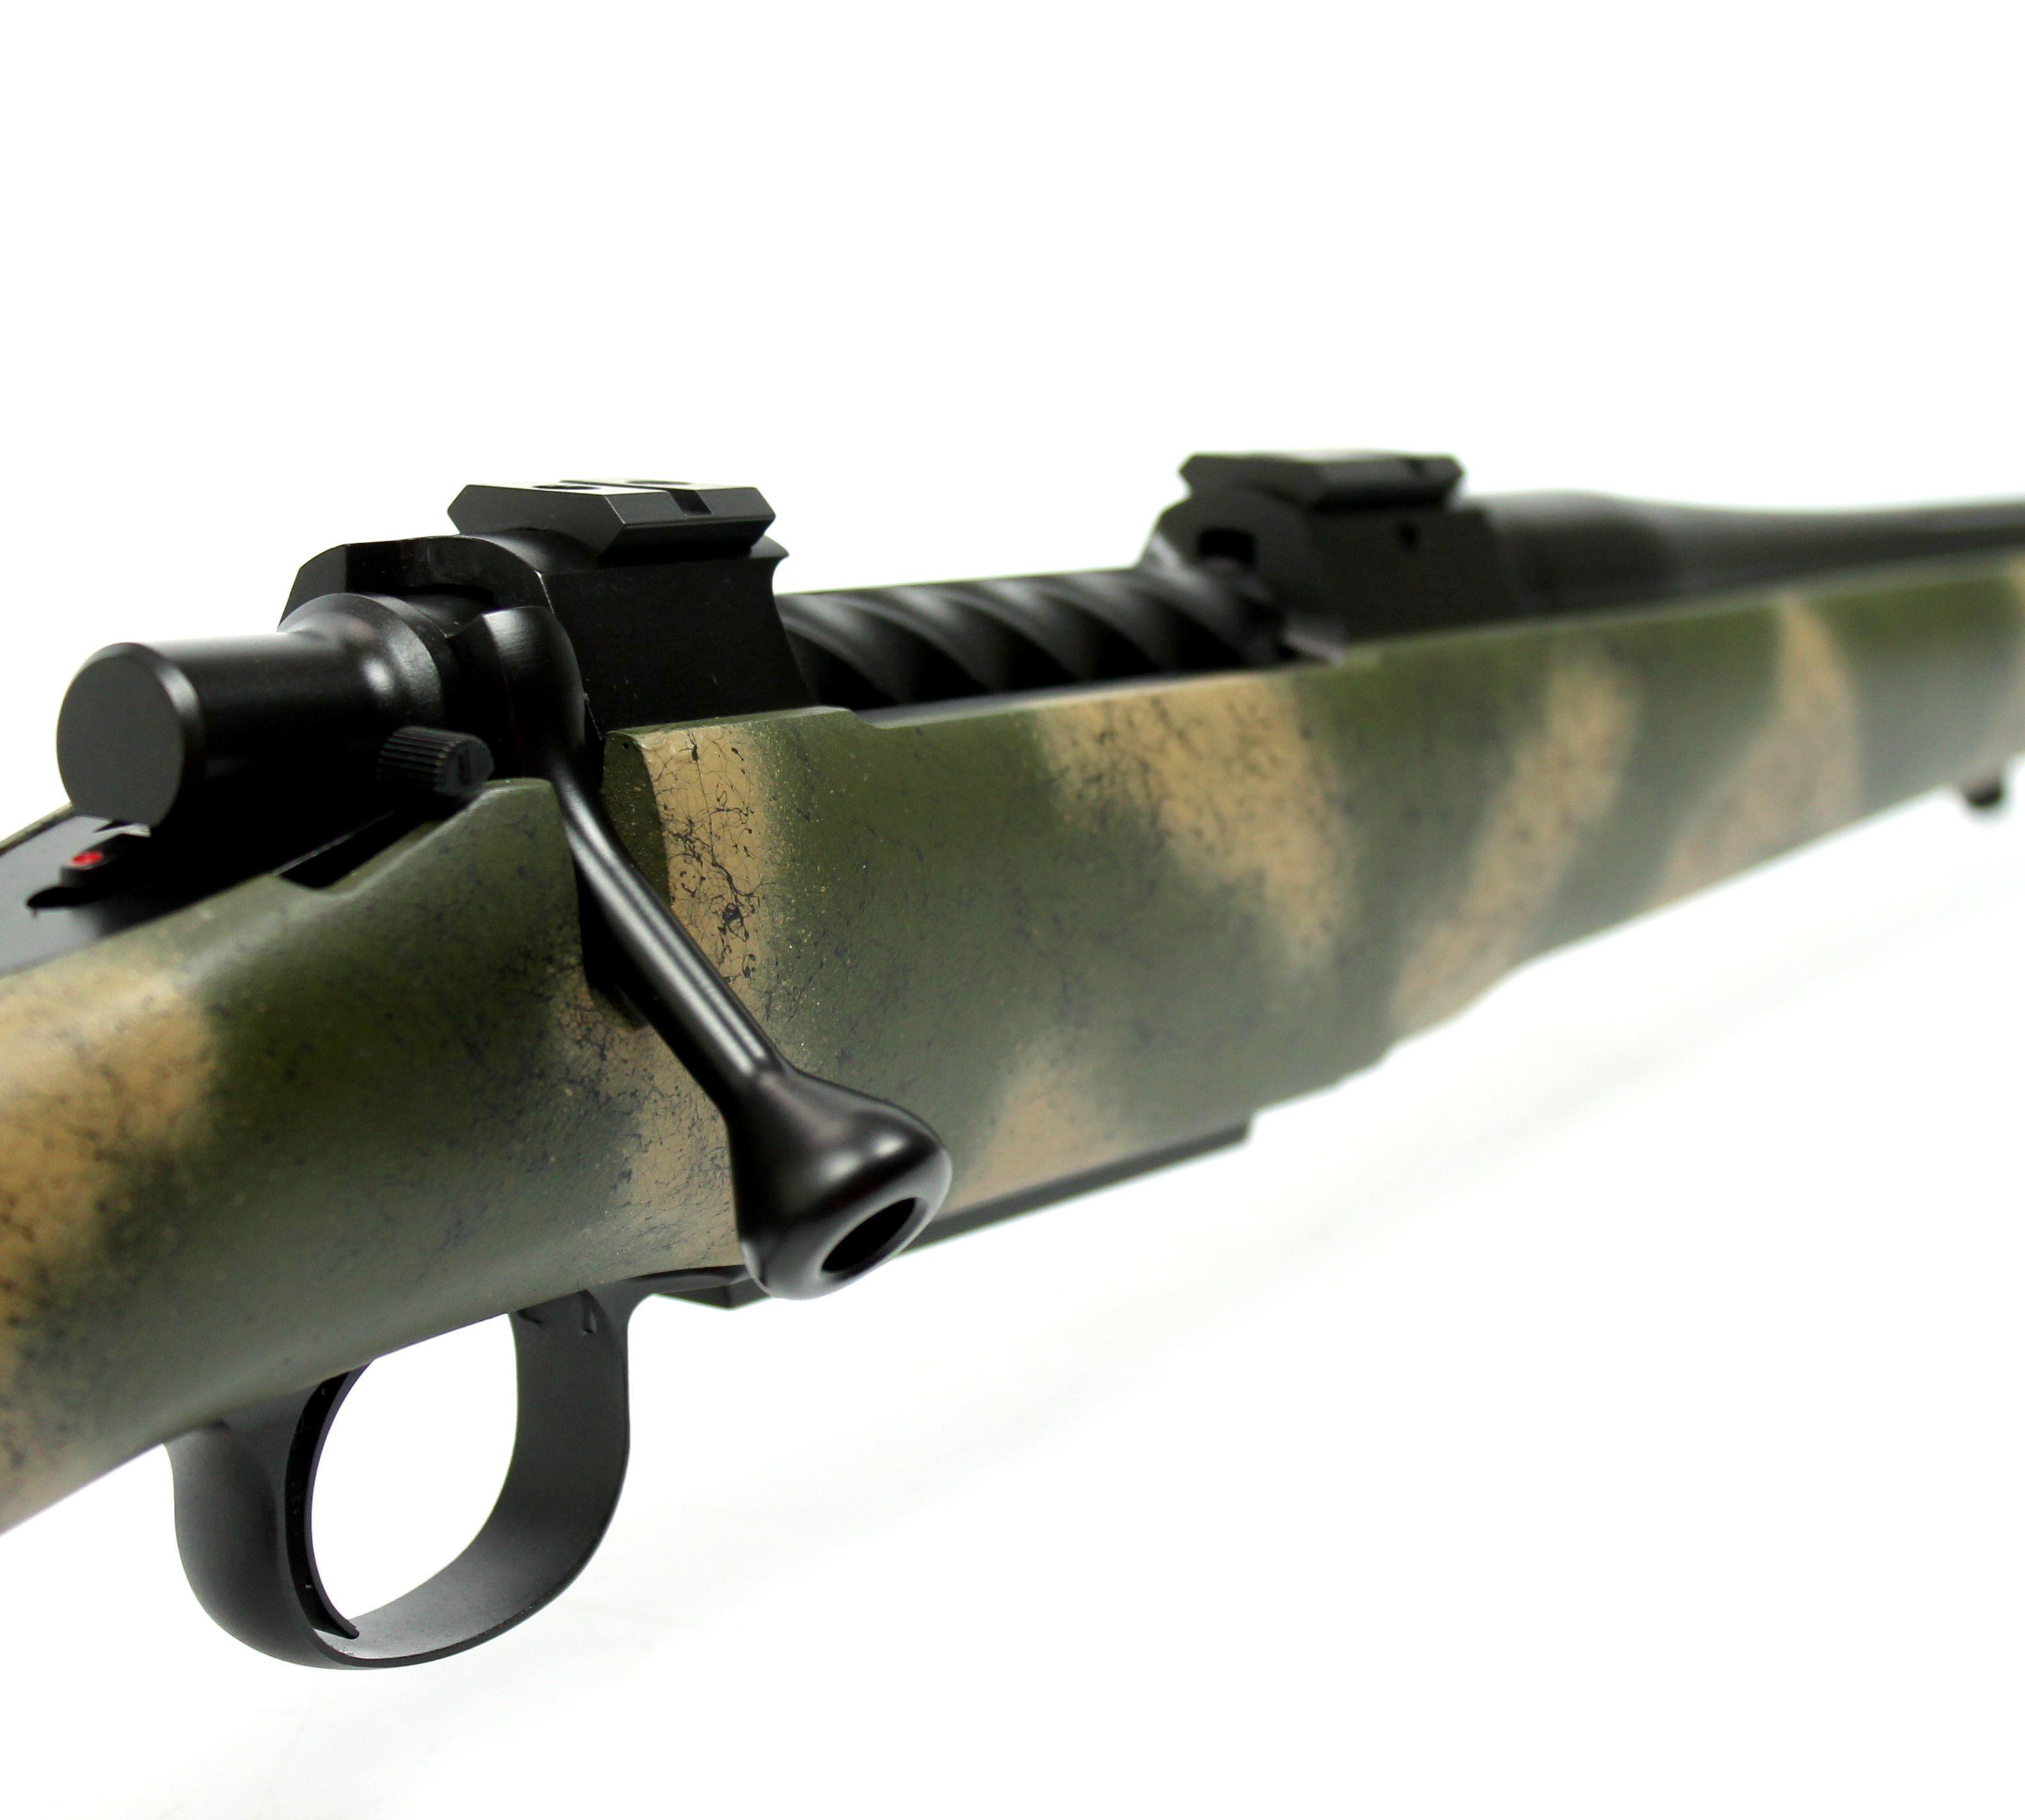 COOPER FIREARM - M92 BACKCOUNTRY - RIFLE FIREARM